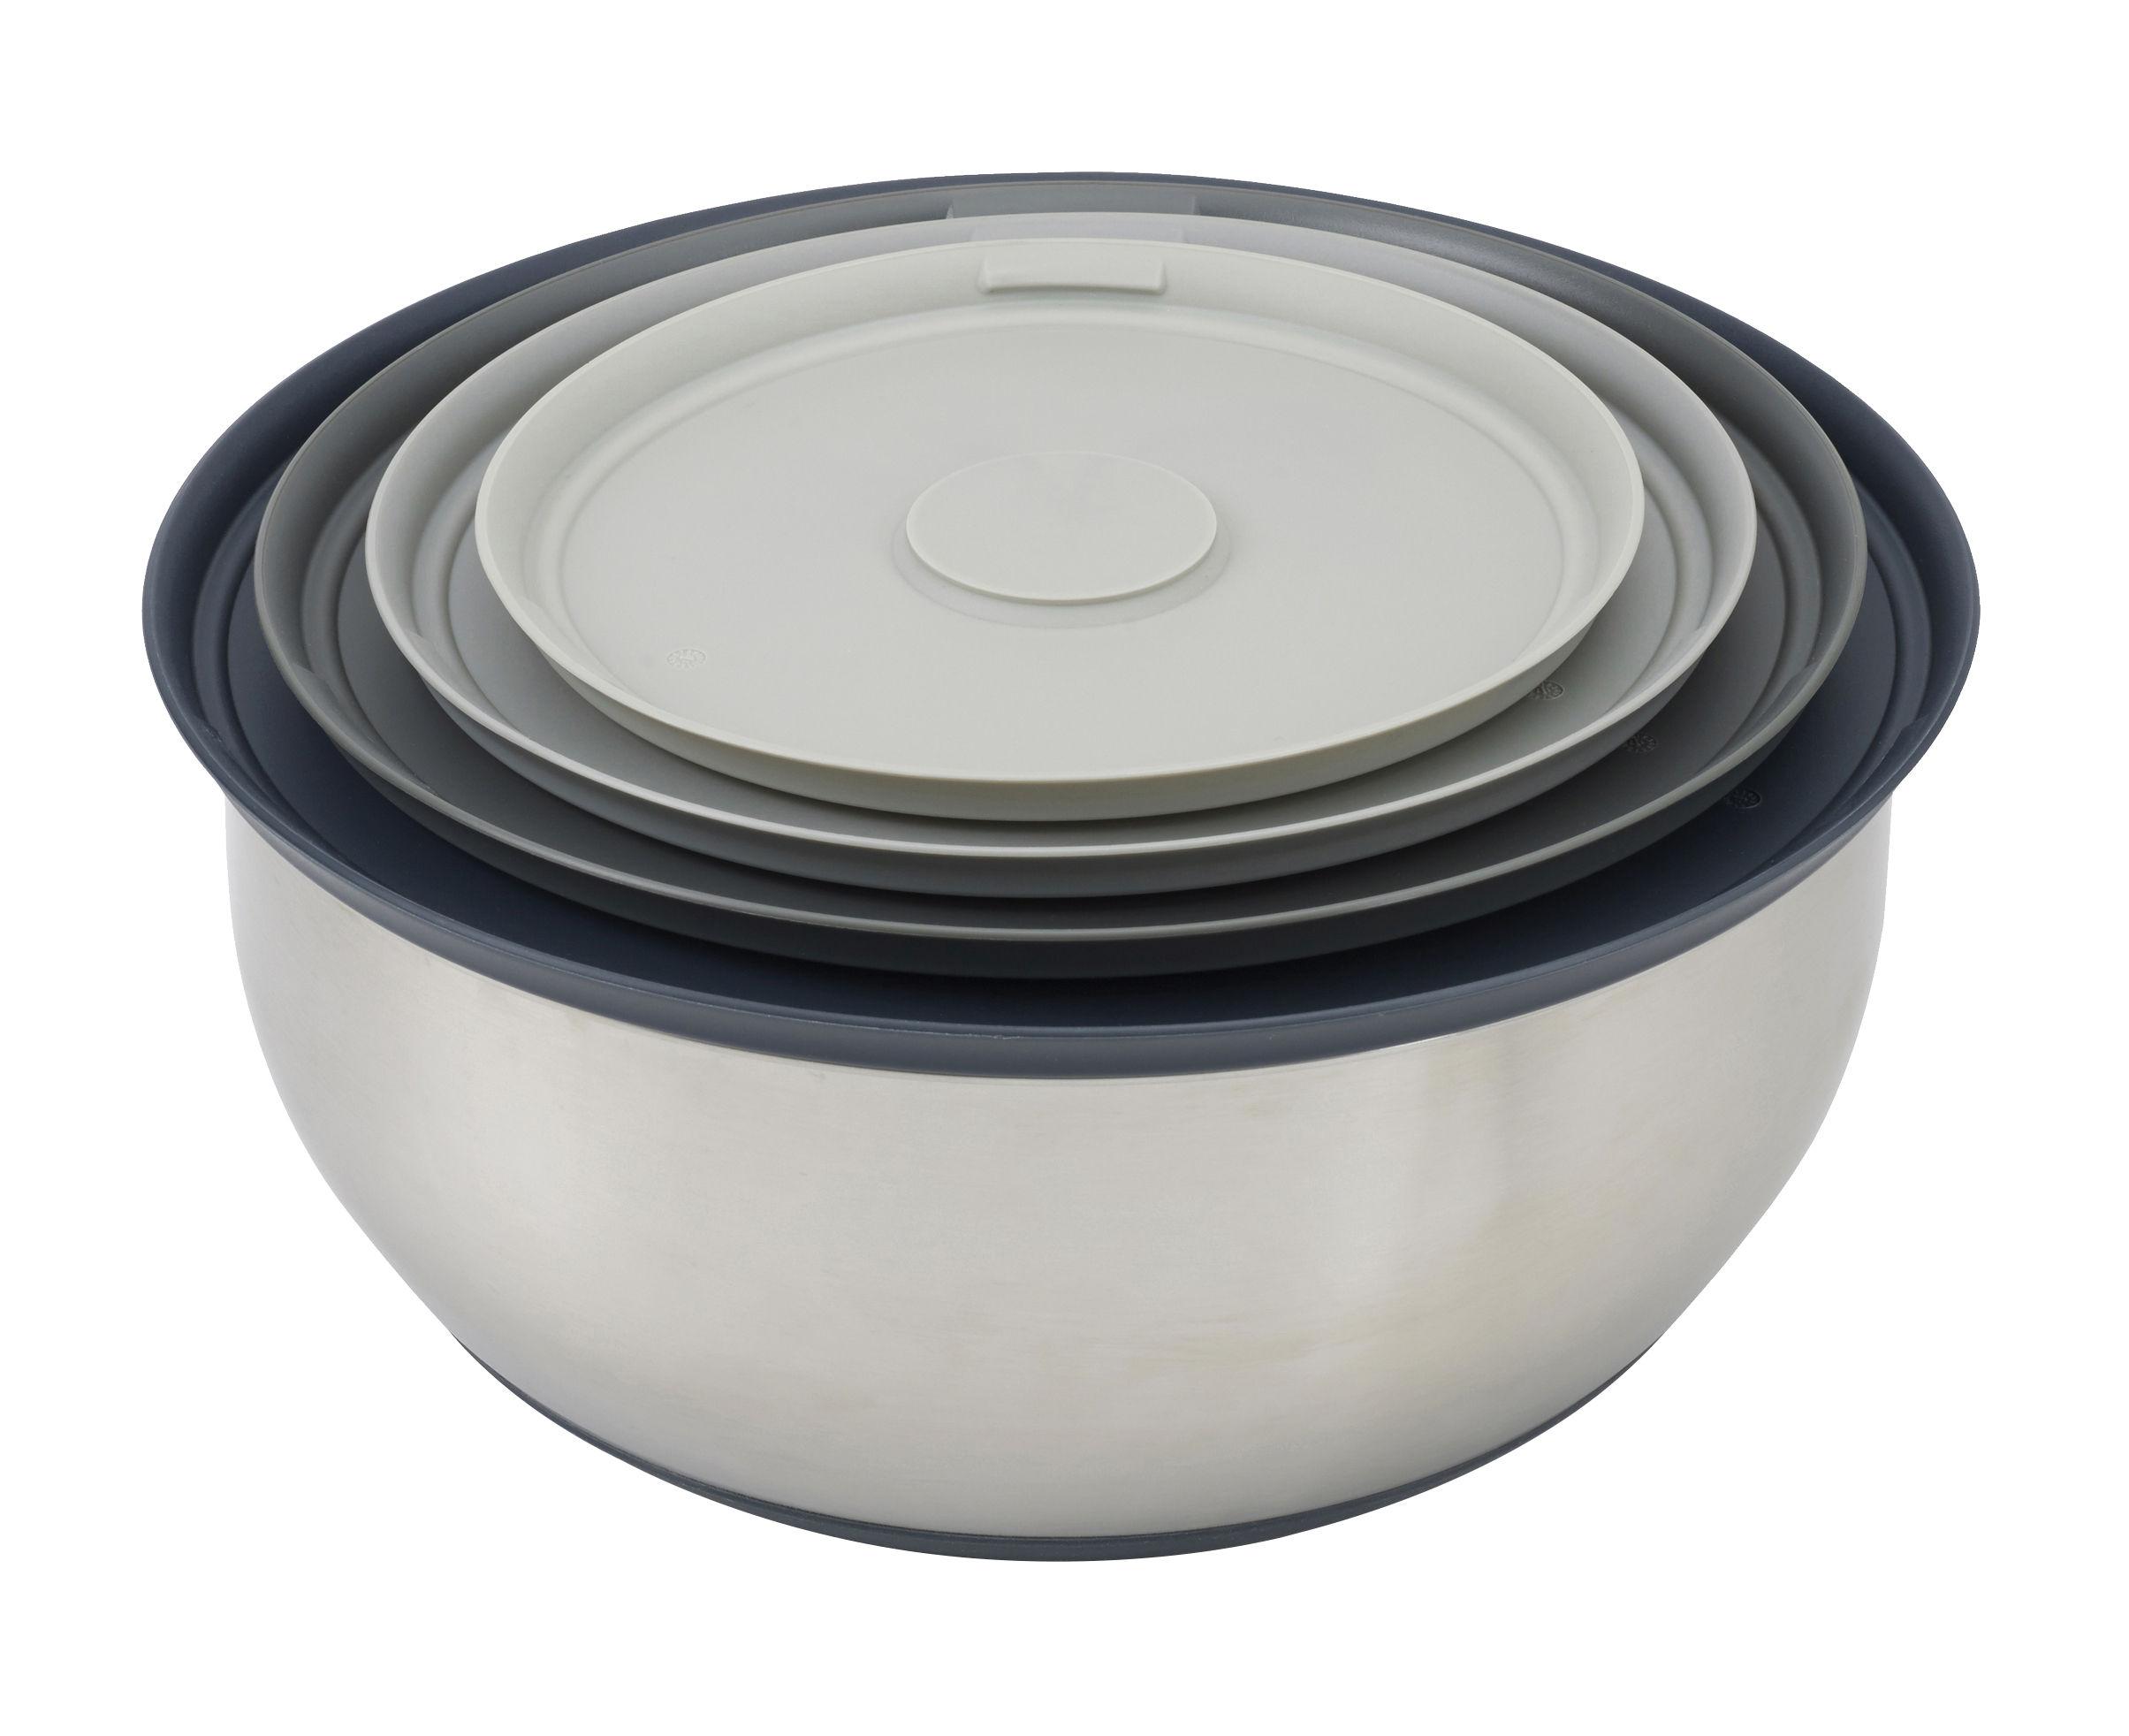 Tischkultur - Salatschüsseln und Schalen - Nest Prep & Store Schale / 4-teilig, stapelbar - Joseph Joseph - Stahl & grau - Kunststoff ohne BPA, rostfreier Stahl